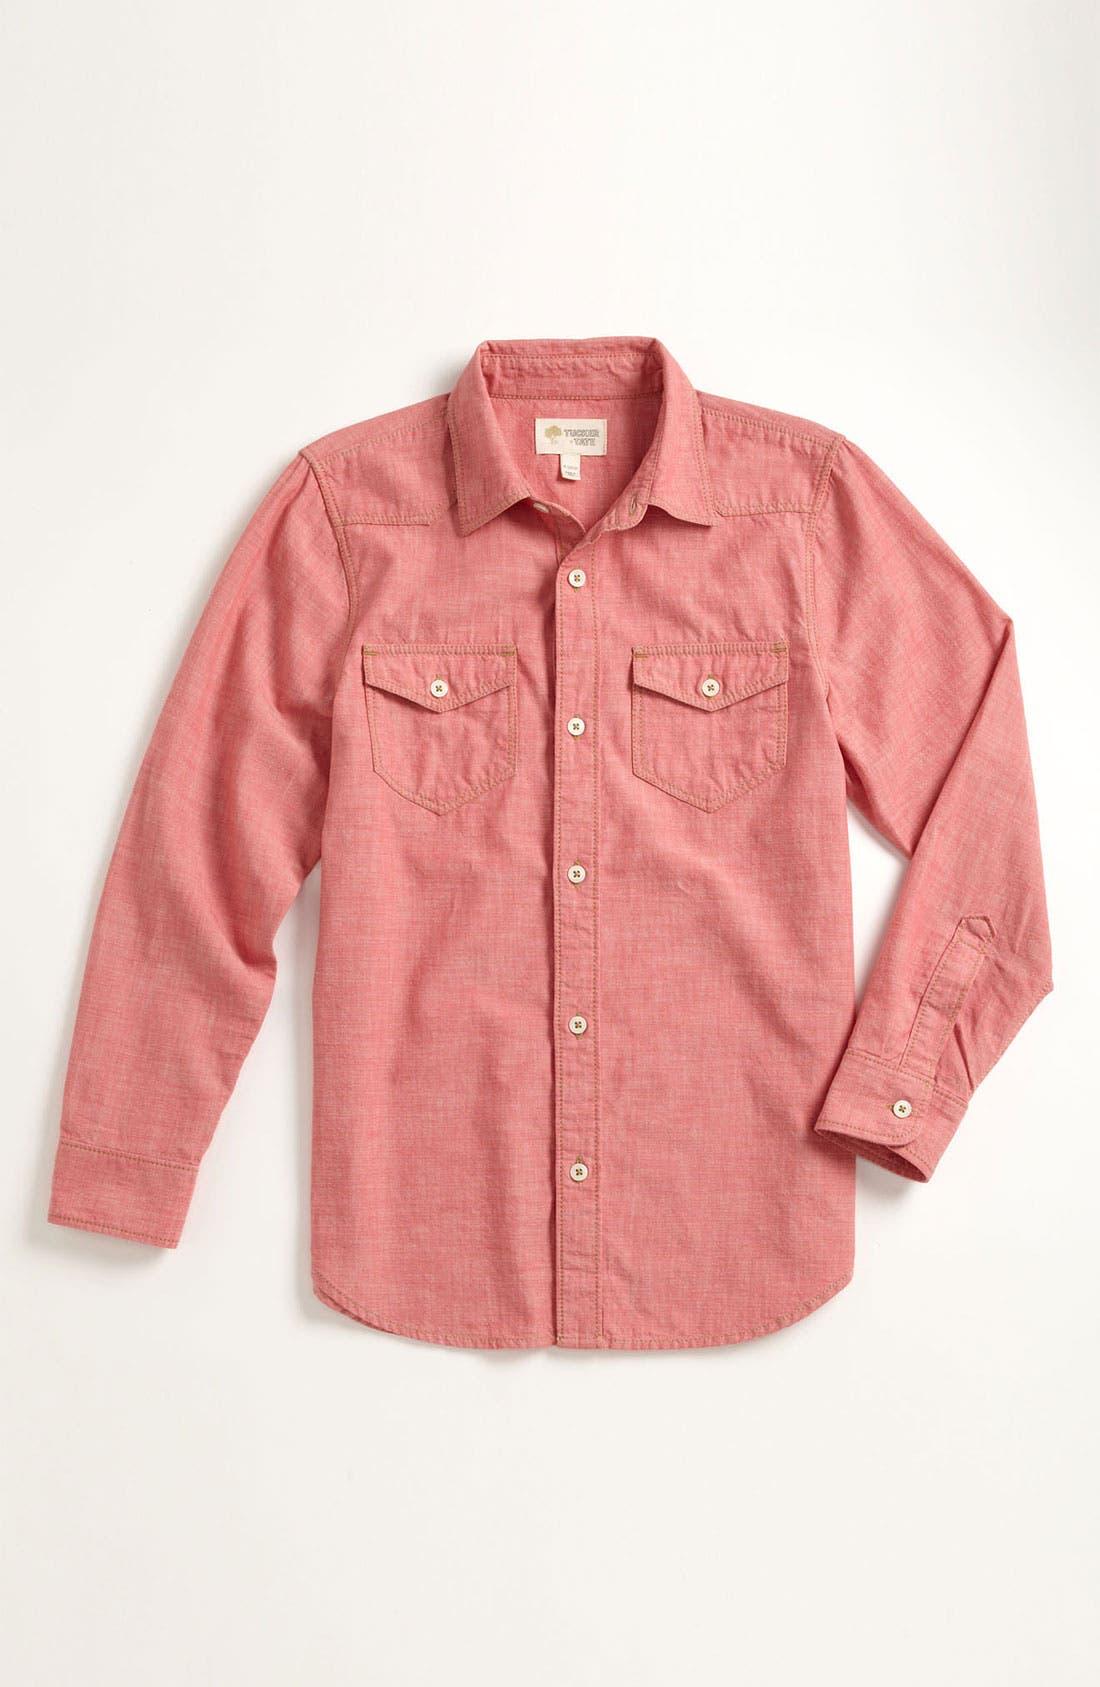 Alternate Image 1 Selected - Tucker + Tate 'Benson' Chambray Shirt (Little Boys)